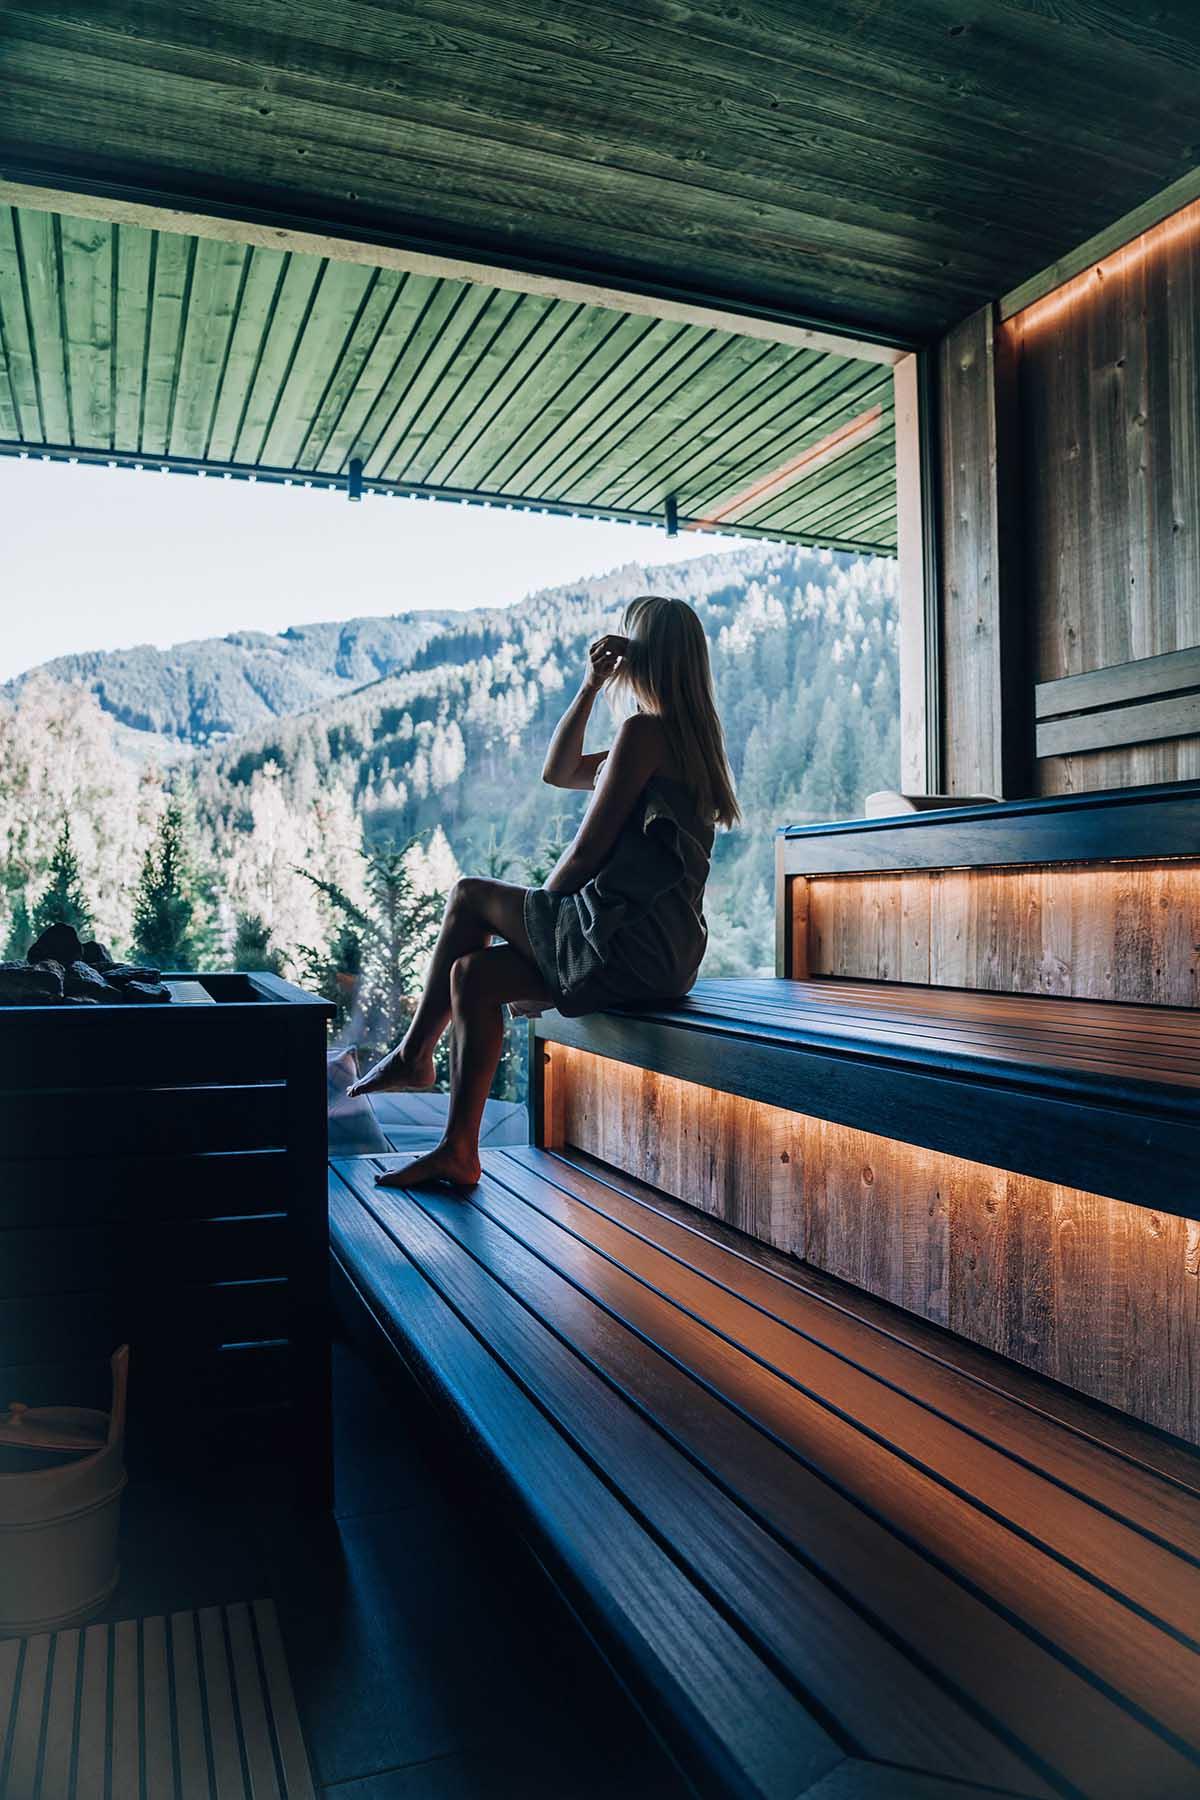 goldstueck-boutique-hotel-saalbach-hinterglemm-sauna